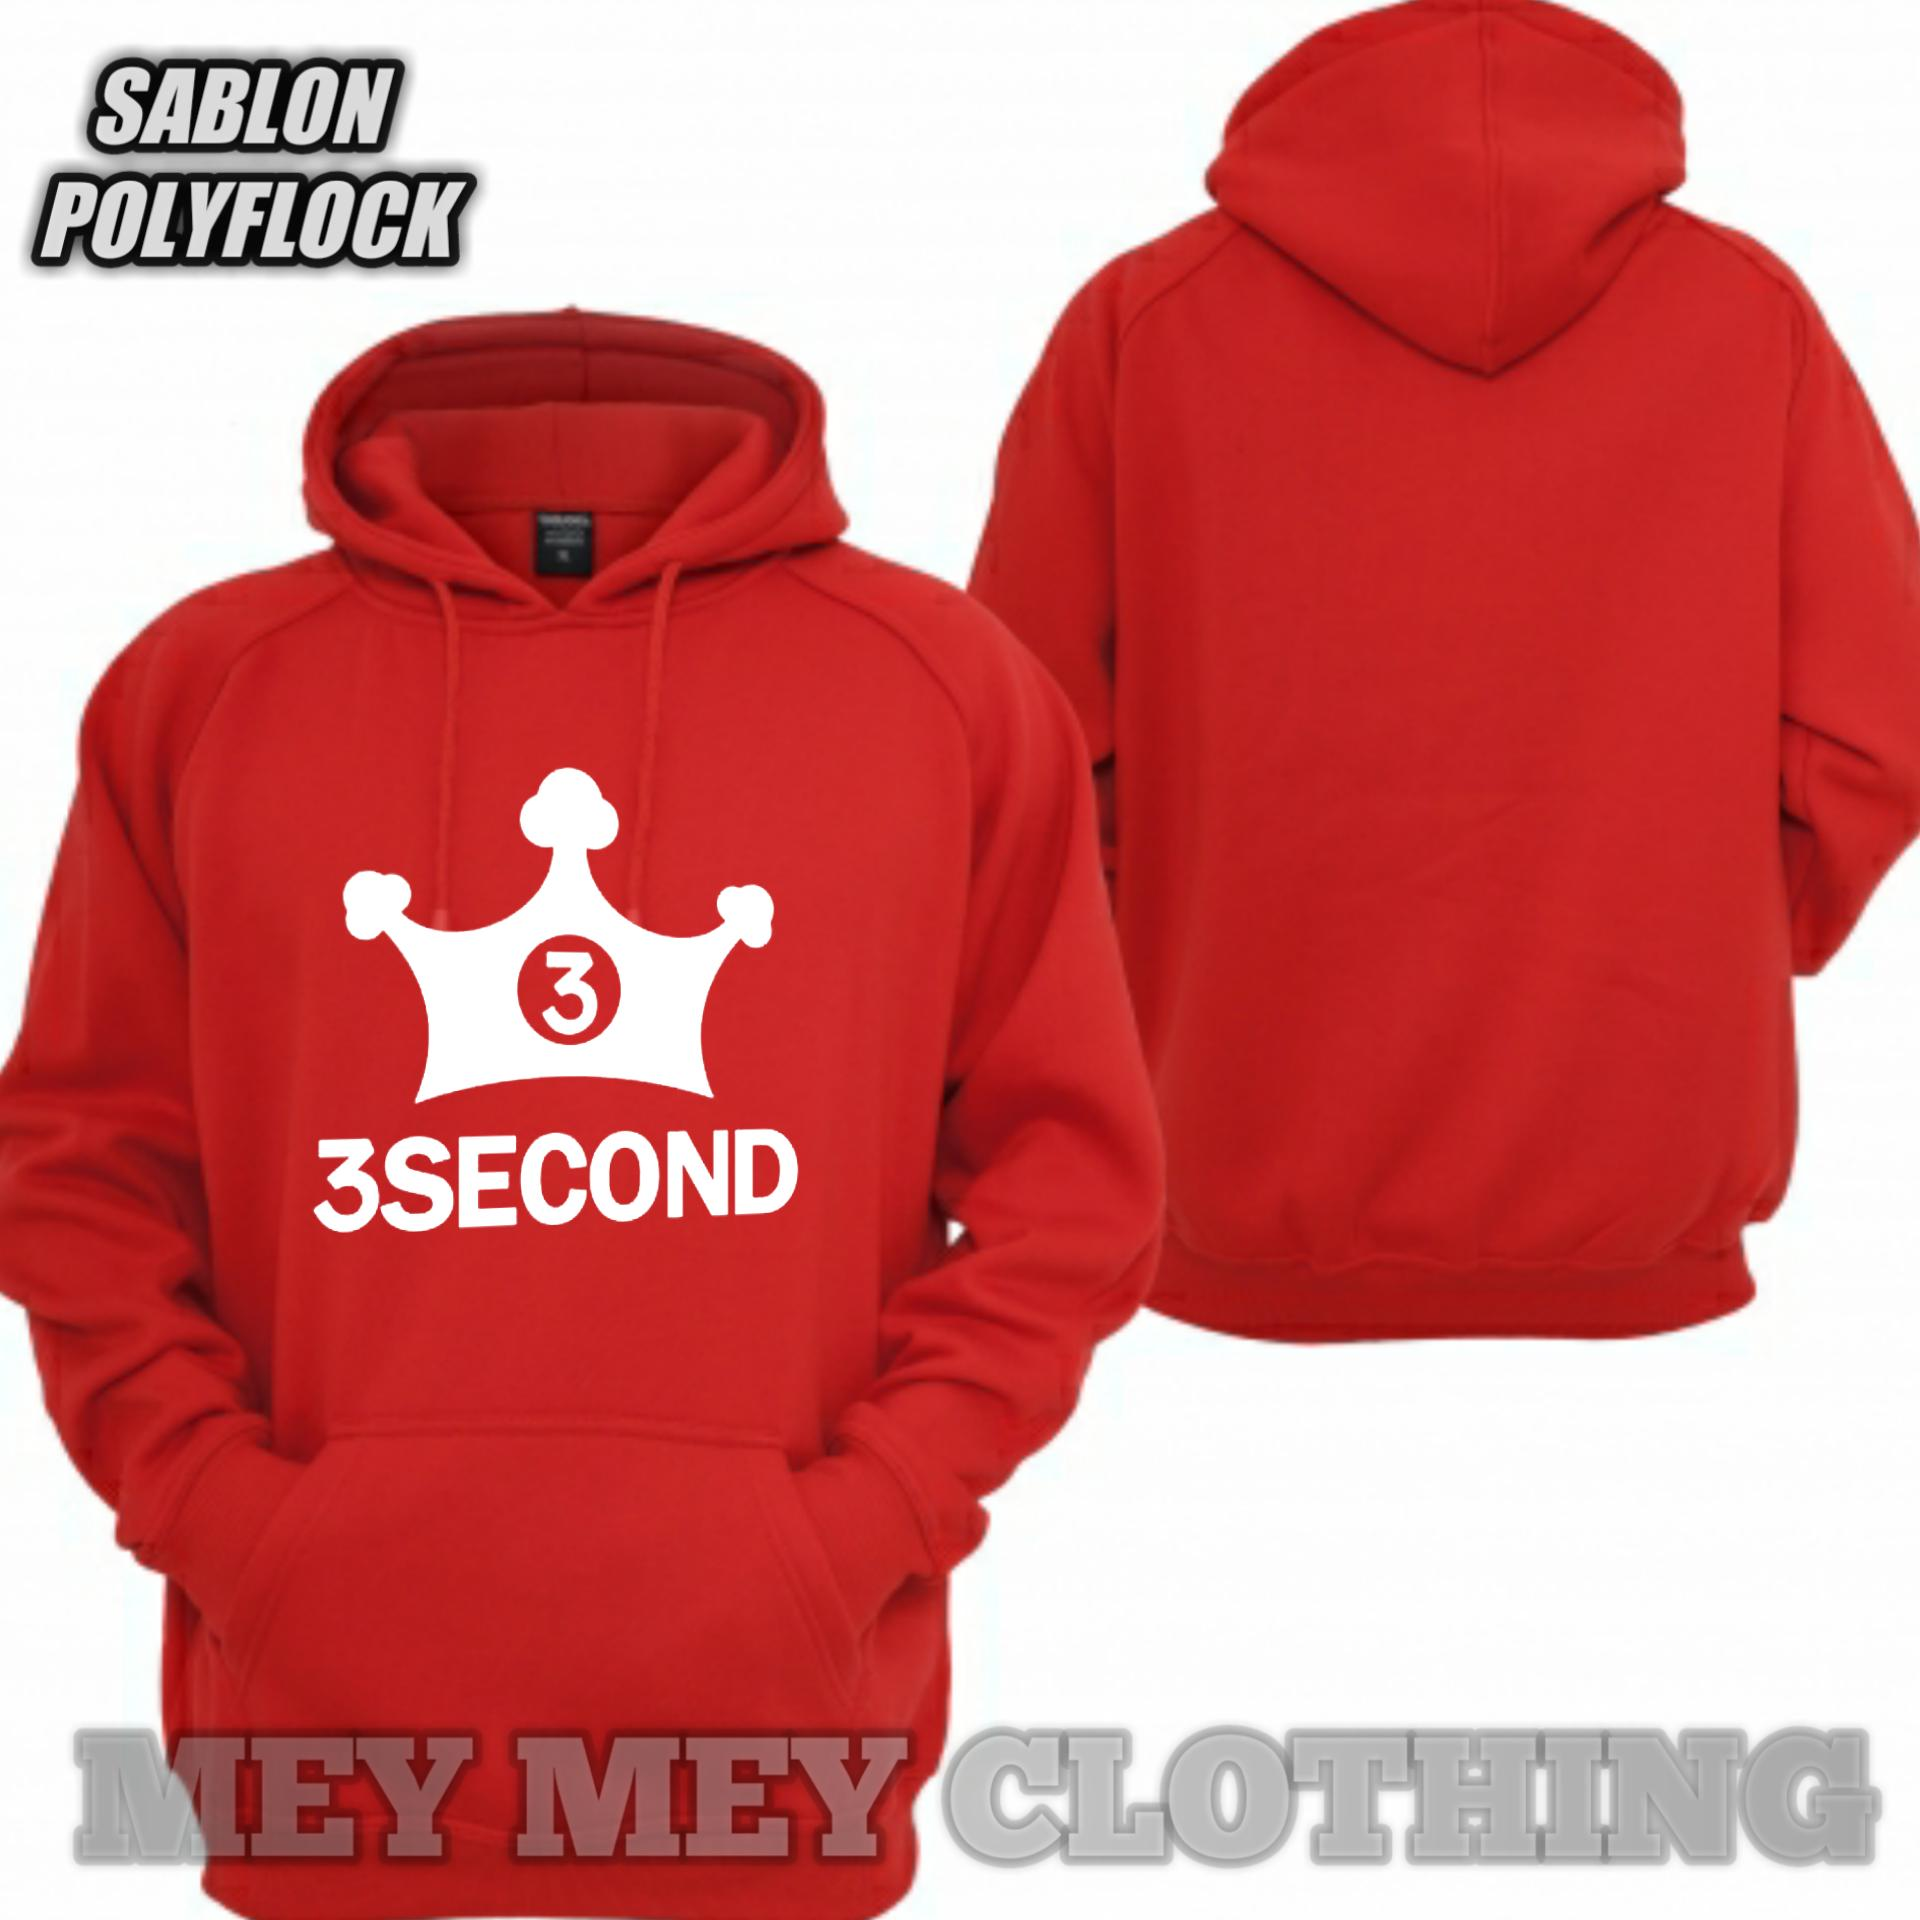 Jaket 3second Warna Navy Sweater Hoodiejaket Zipper Distro Tshirt 166031812kn Kuning Xl Hoodie 3 Second